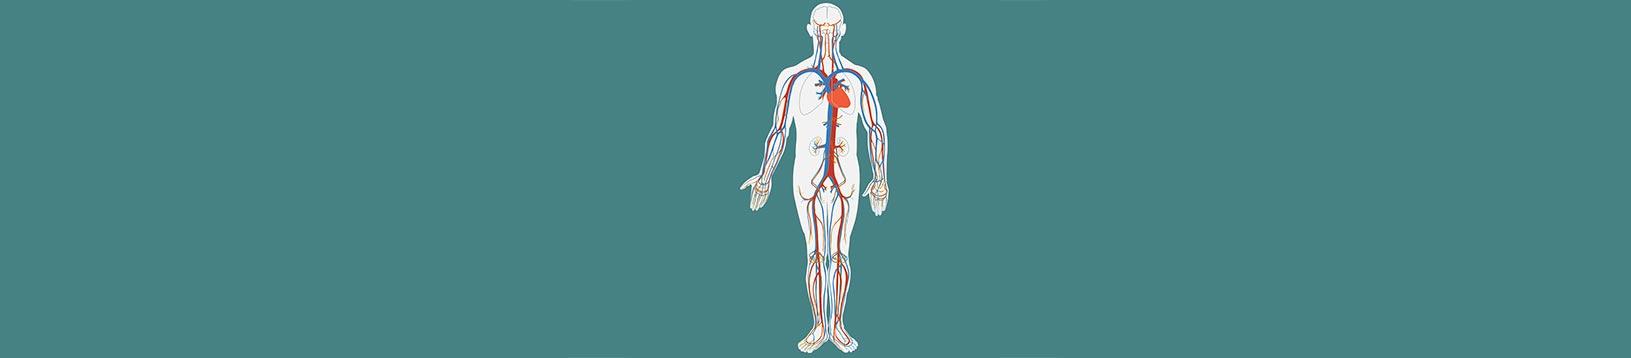 Corso di Posturologia, Postura e Prevenzione - Scuola di Naturopatia